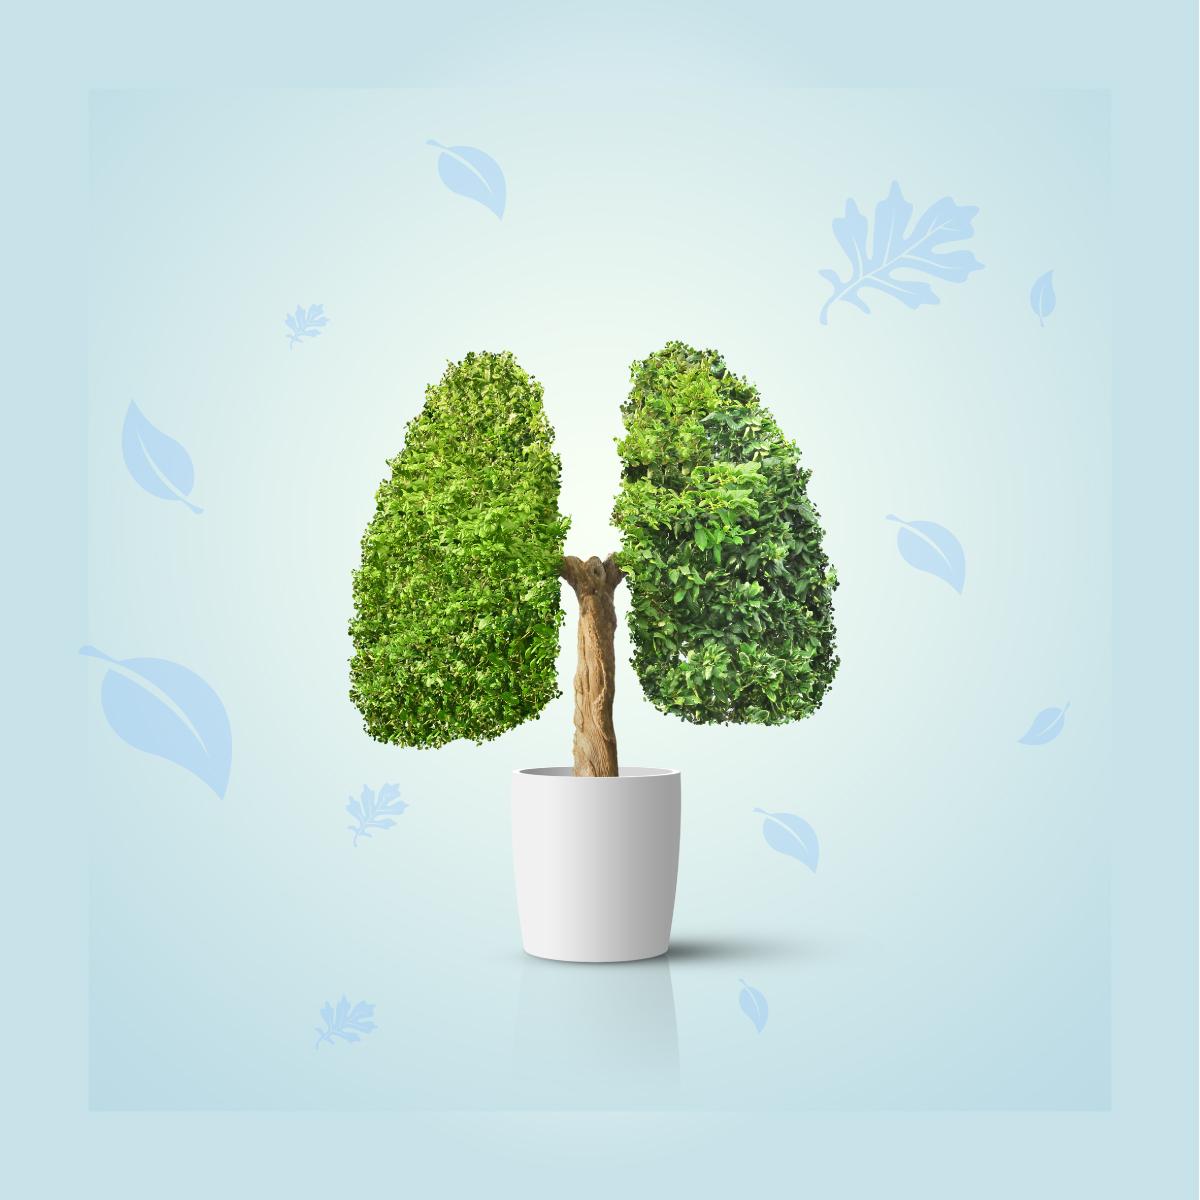 Respure - Maior qualidade do ar e melhor respiração